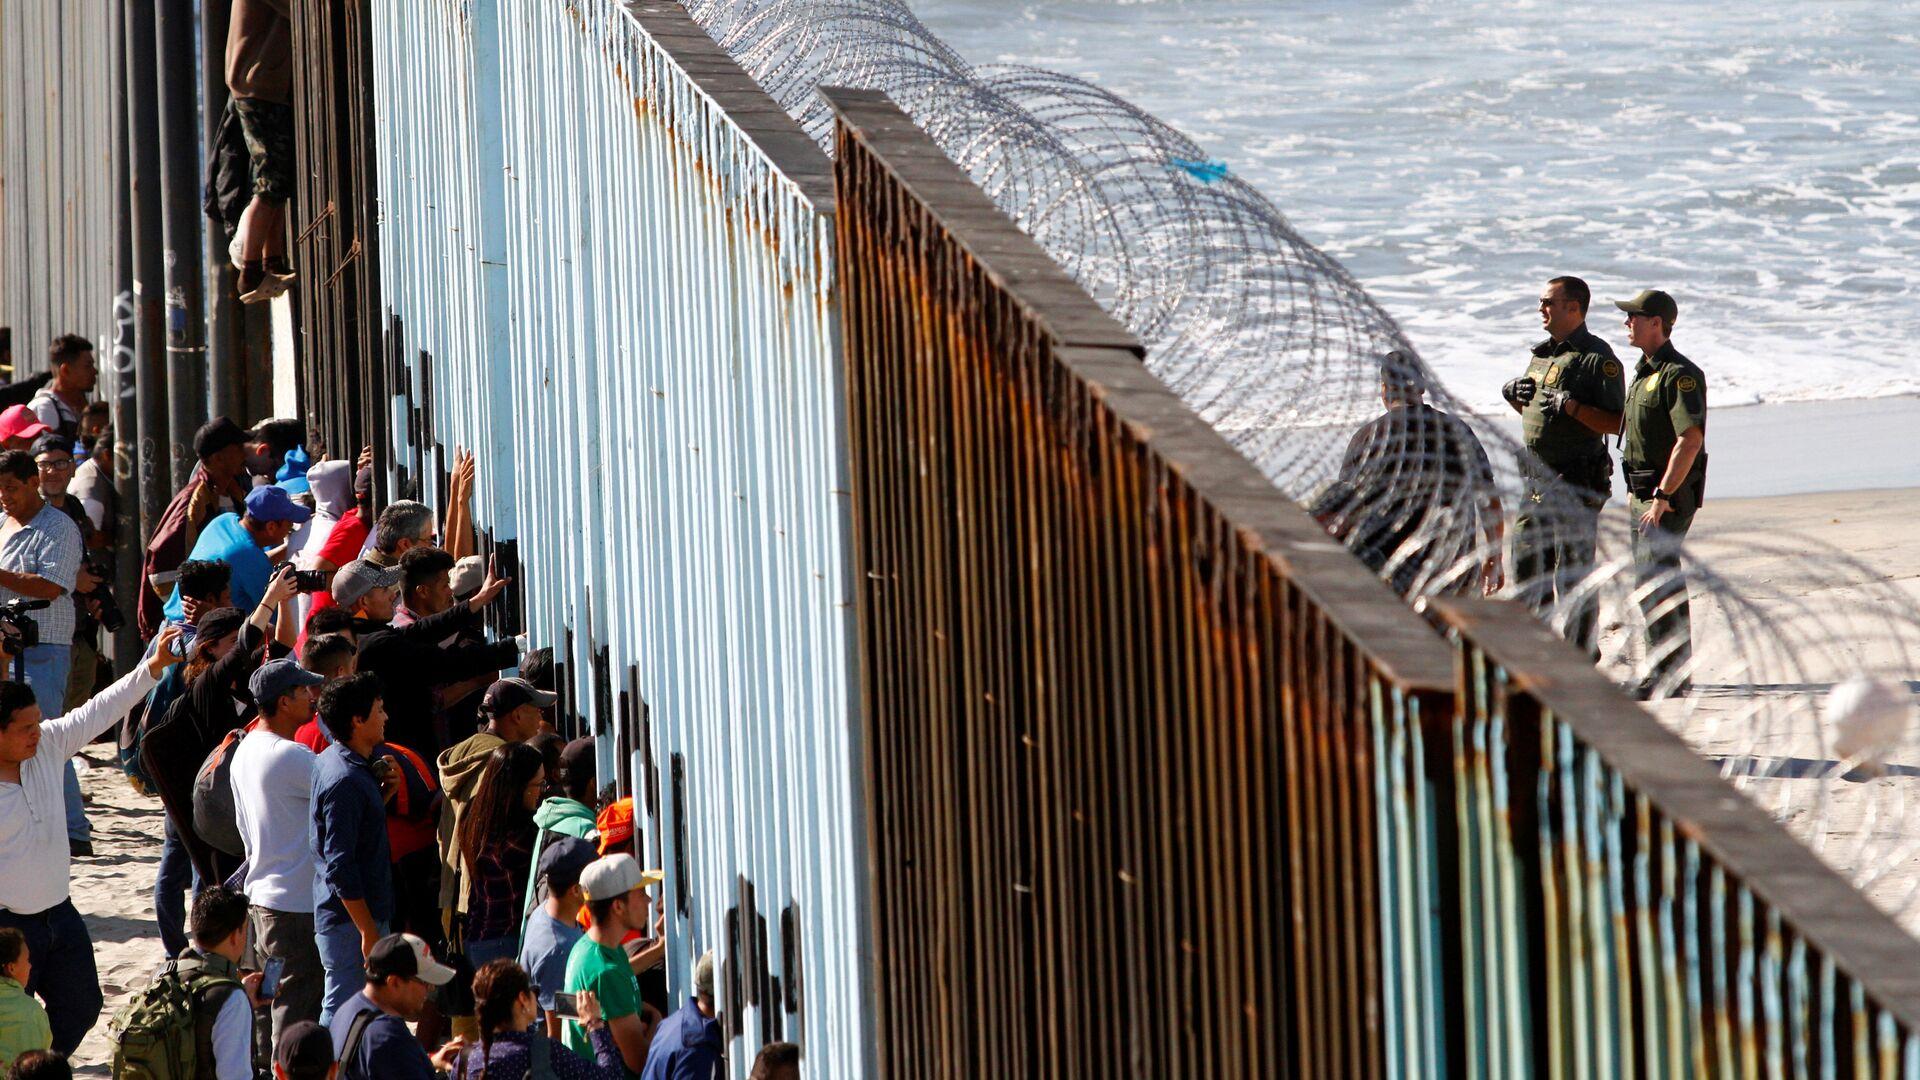 Orta Amerikalı göçmen kervanından 800-1000 kişilik bir grup, Meksika'nın ABD sınırındaki Tijuana'ya ulaştı. Göçmenler, kentte ABD ile sınırı belirleyen duvarı adeta kuşatmaya aldı. - Sputnik Türkiye, 1920, 21.09.2021